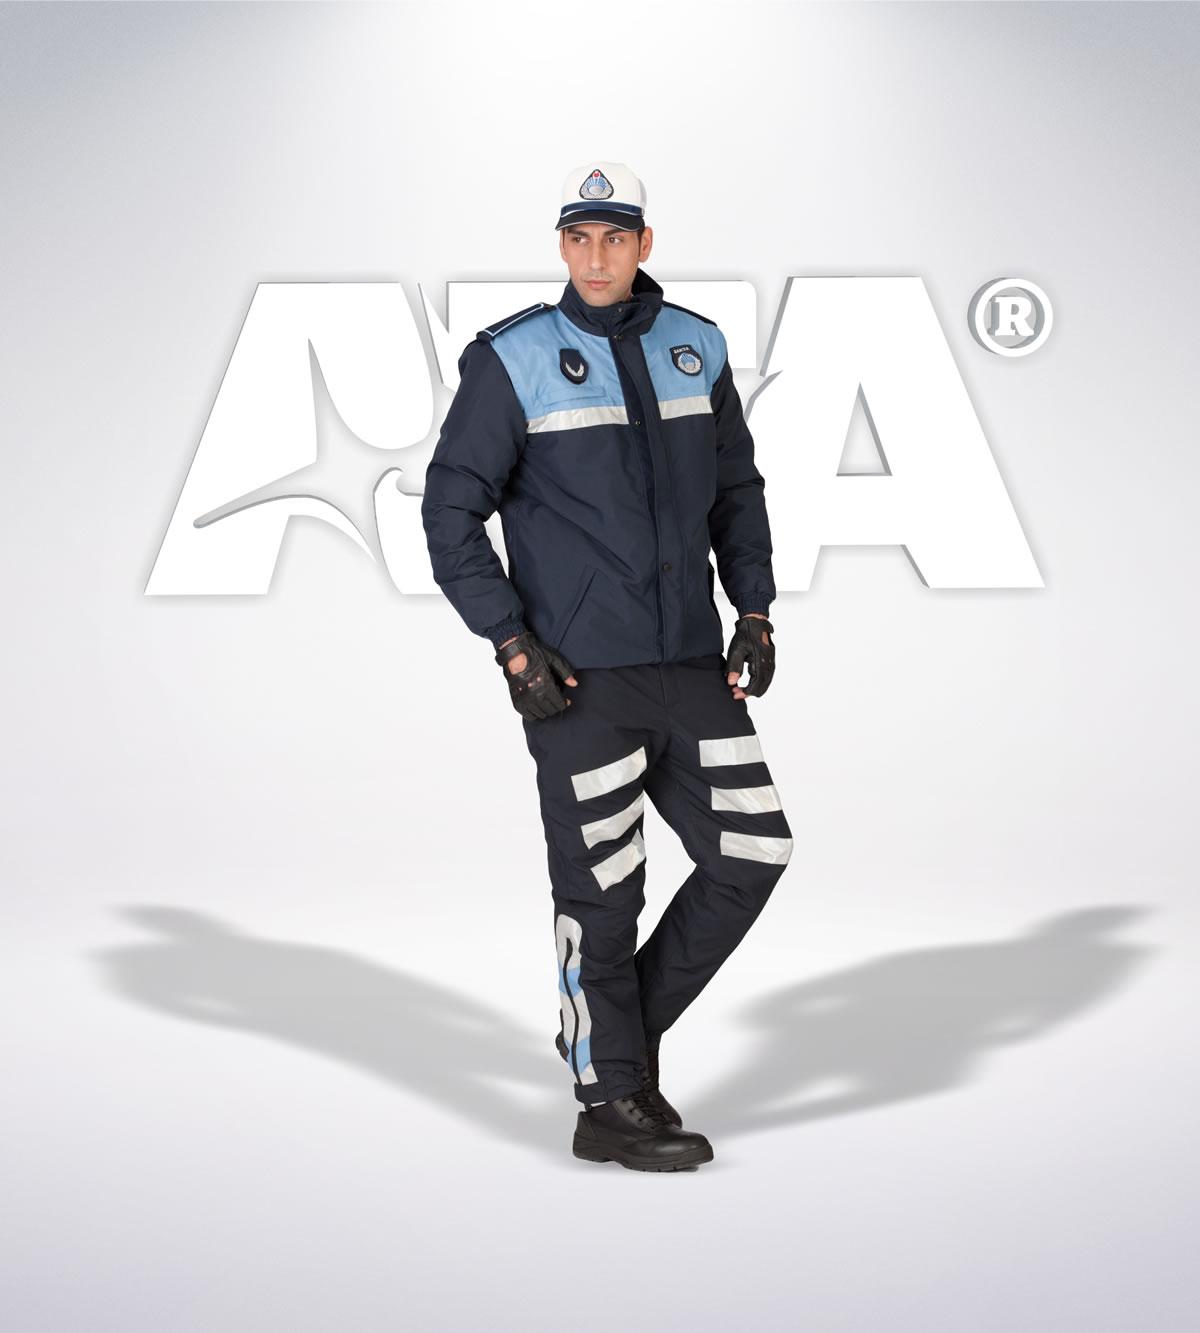 ATA 220 - Zabıta motorize takımı - zabıta elbiseleri | zabıta üniformaları | zabıta kıyafetleri